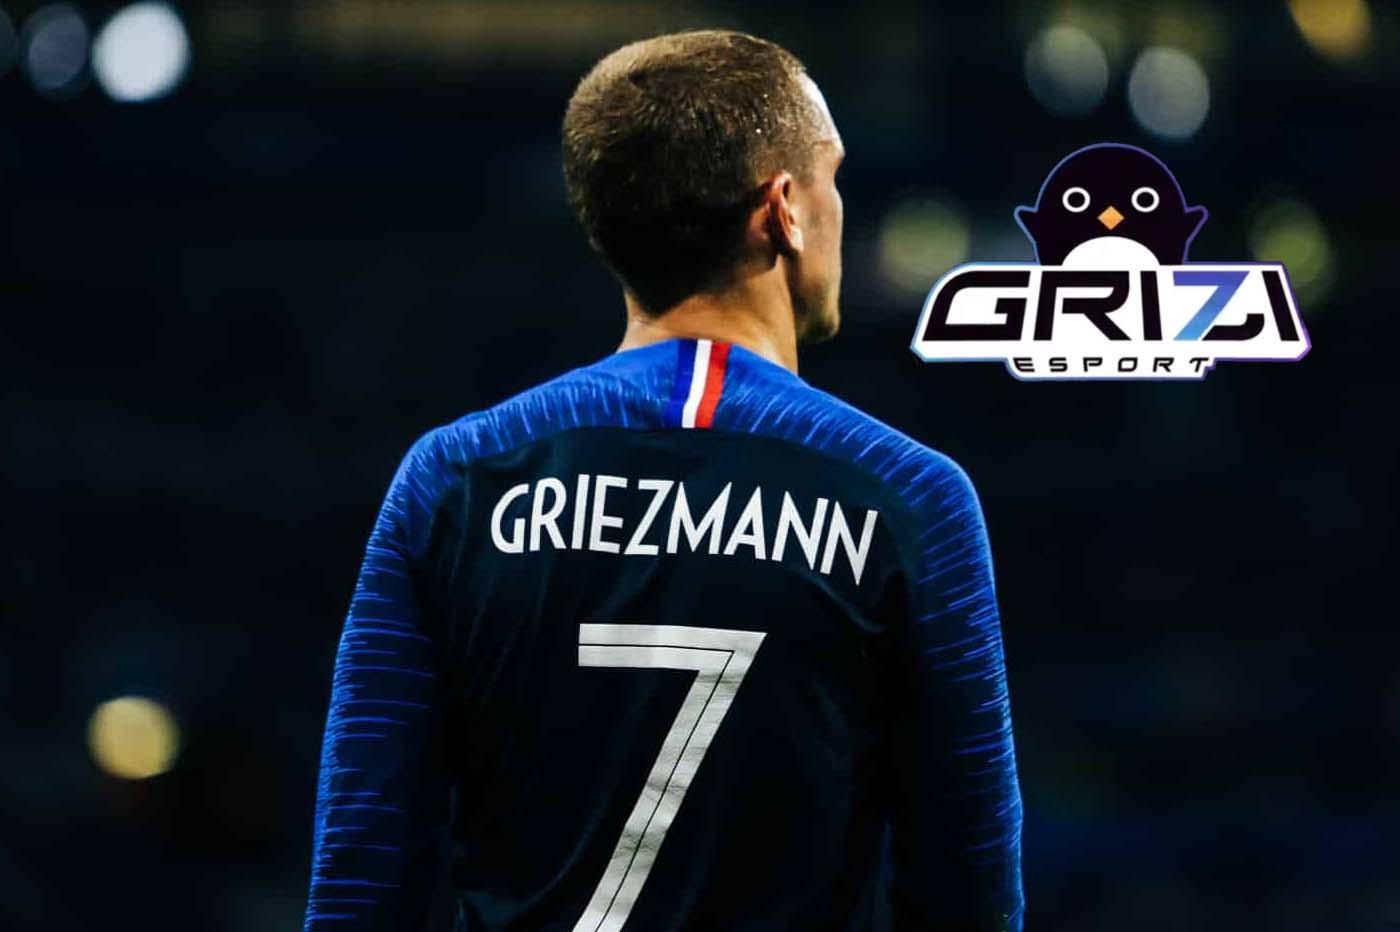 Đội thể thao điện tử Antoine Griezmann